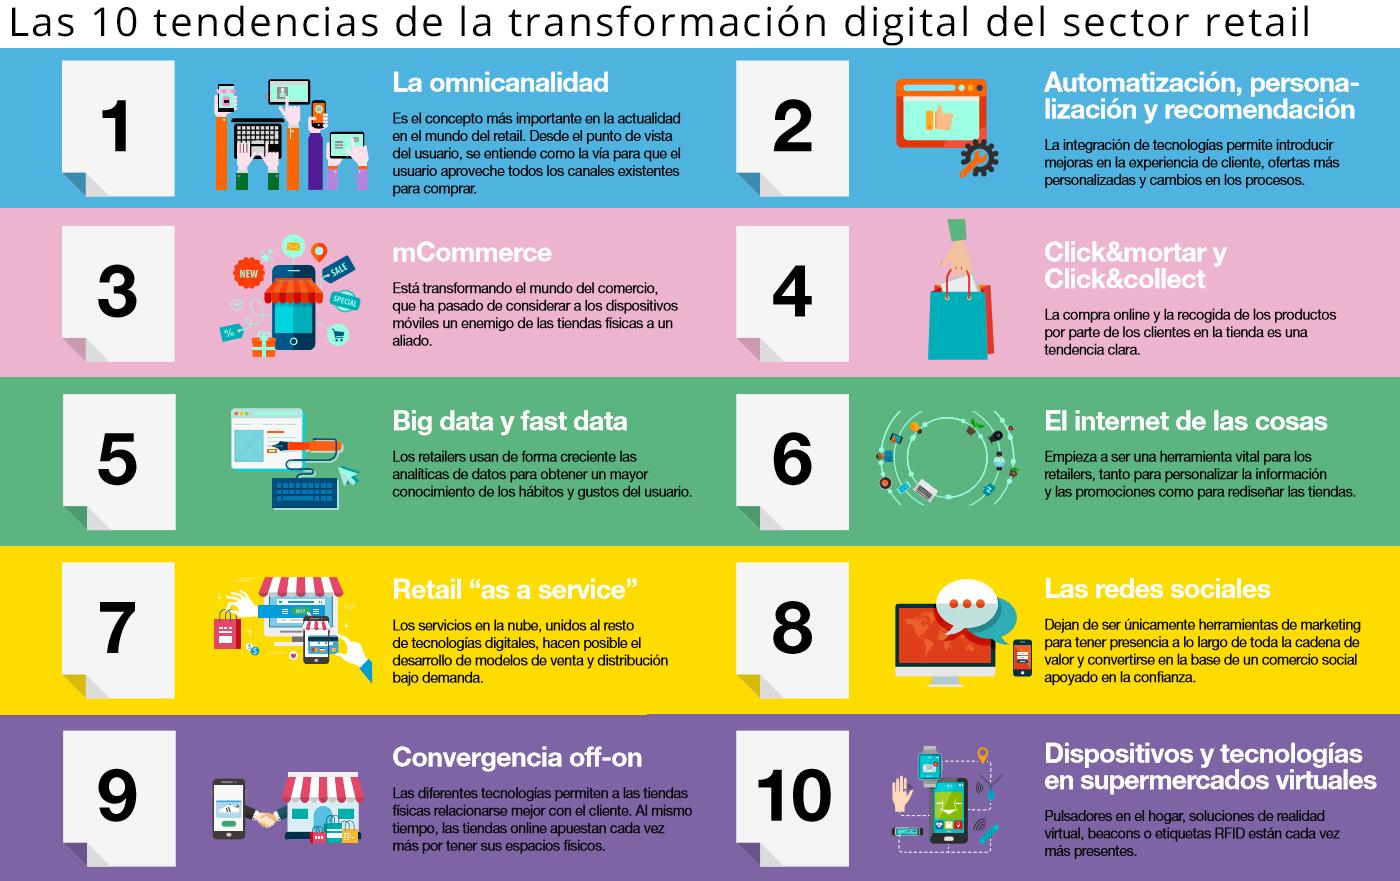 10 Tendencias de la transformación digital en España.